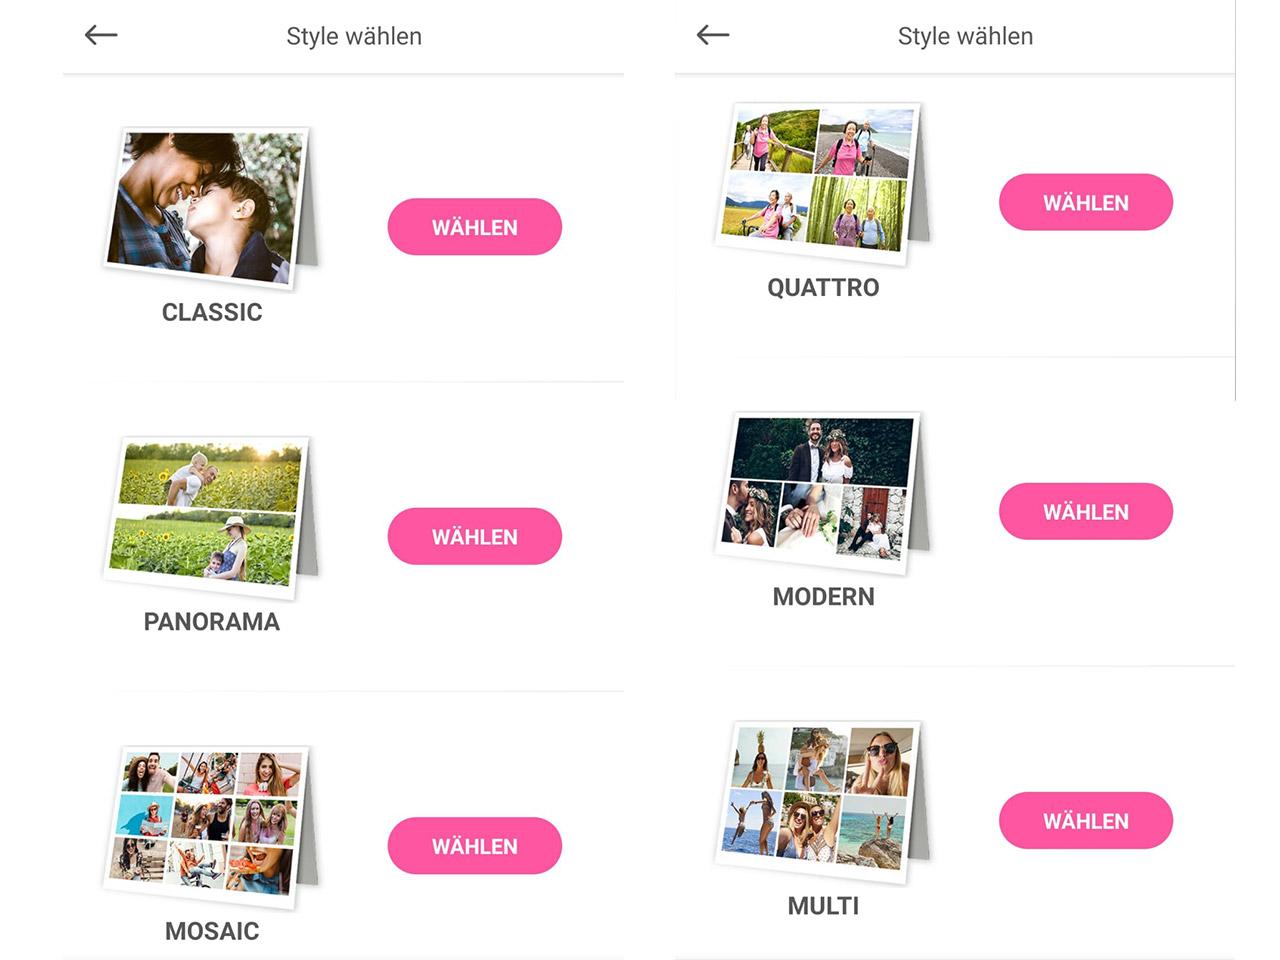 Style wählen in der MyPostcard App